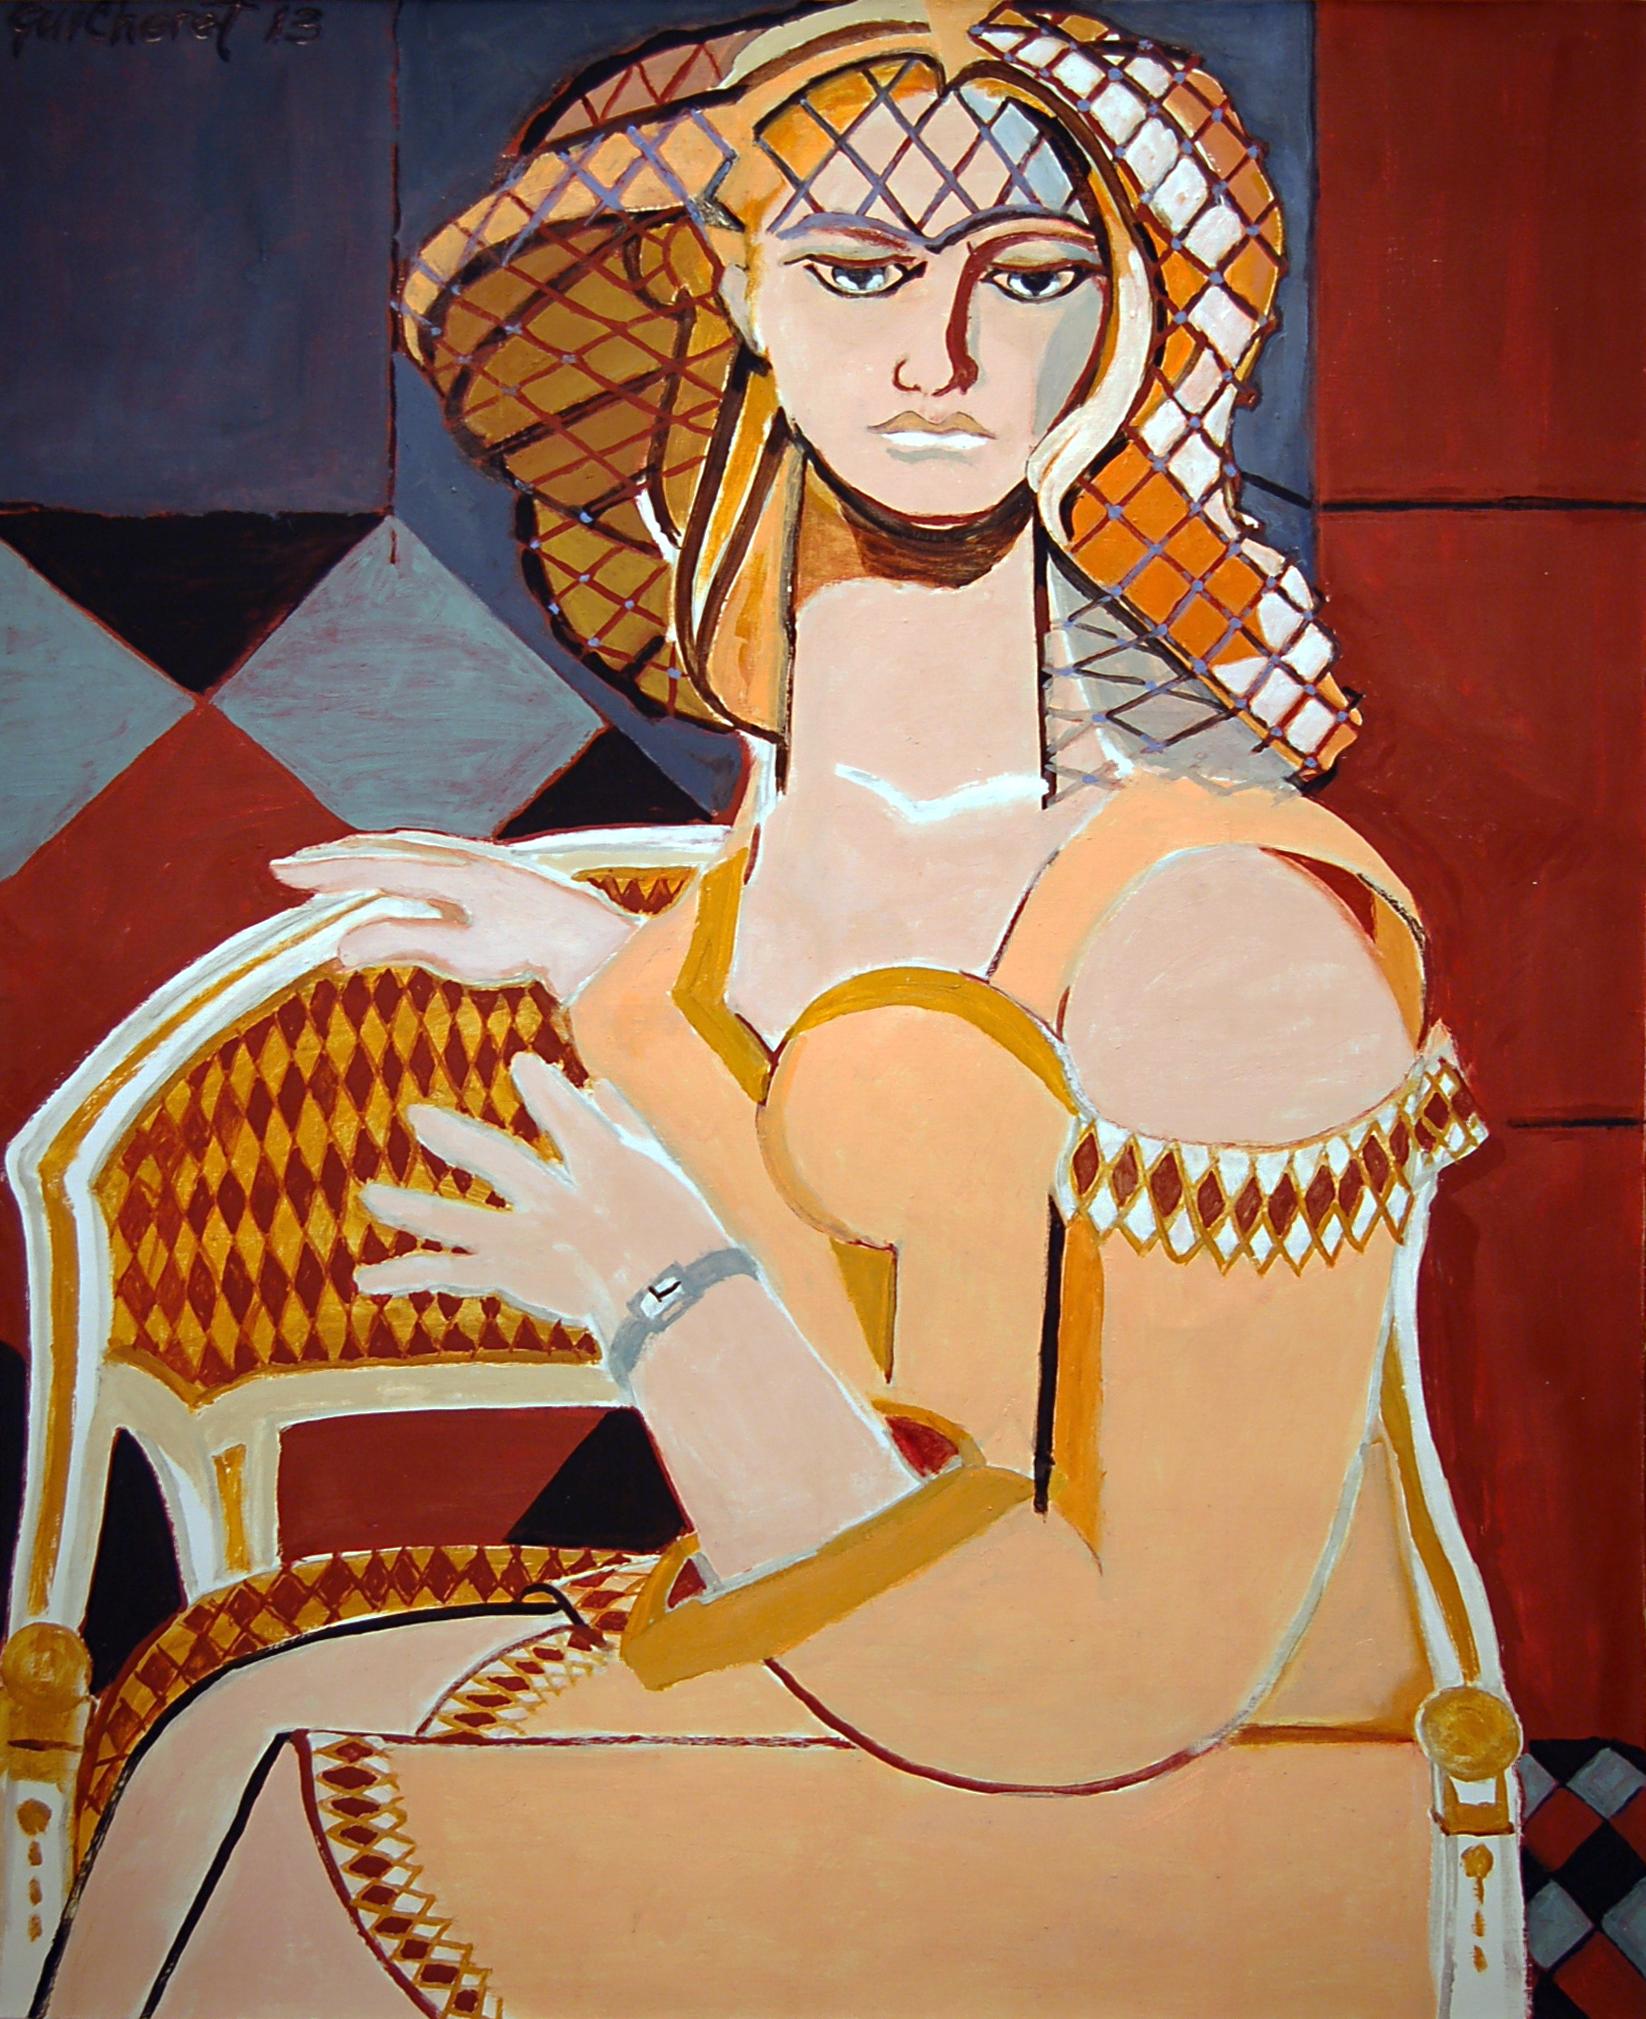 Woman with Venetian Net